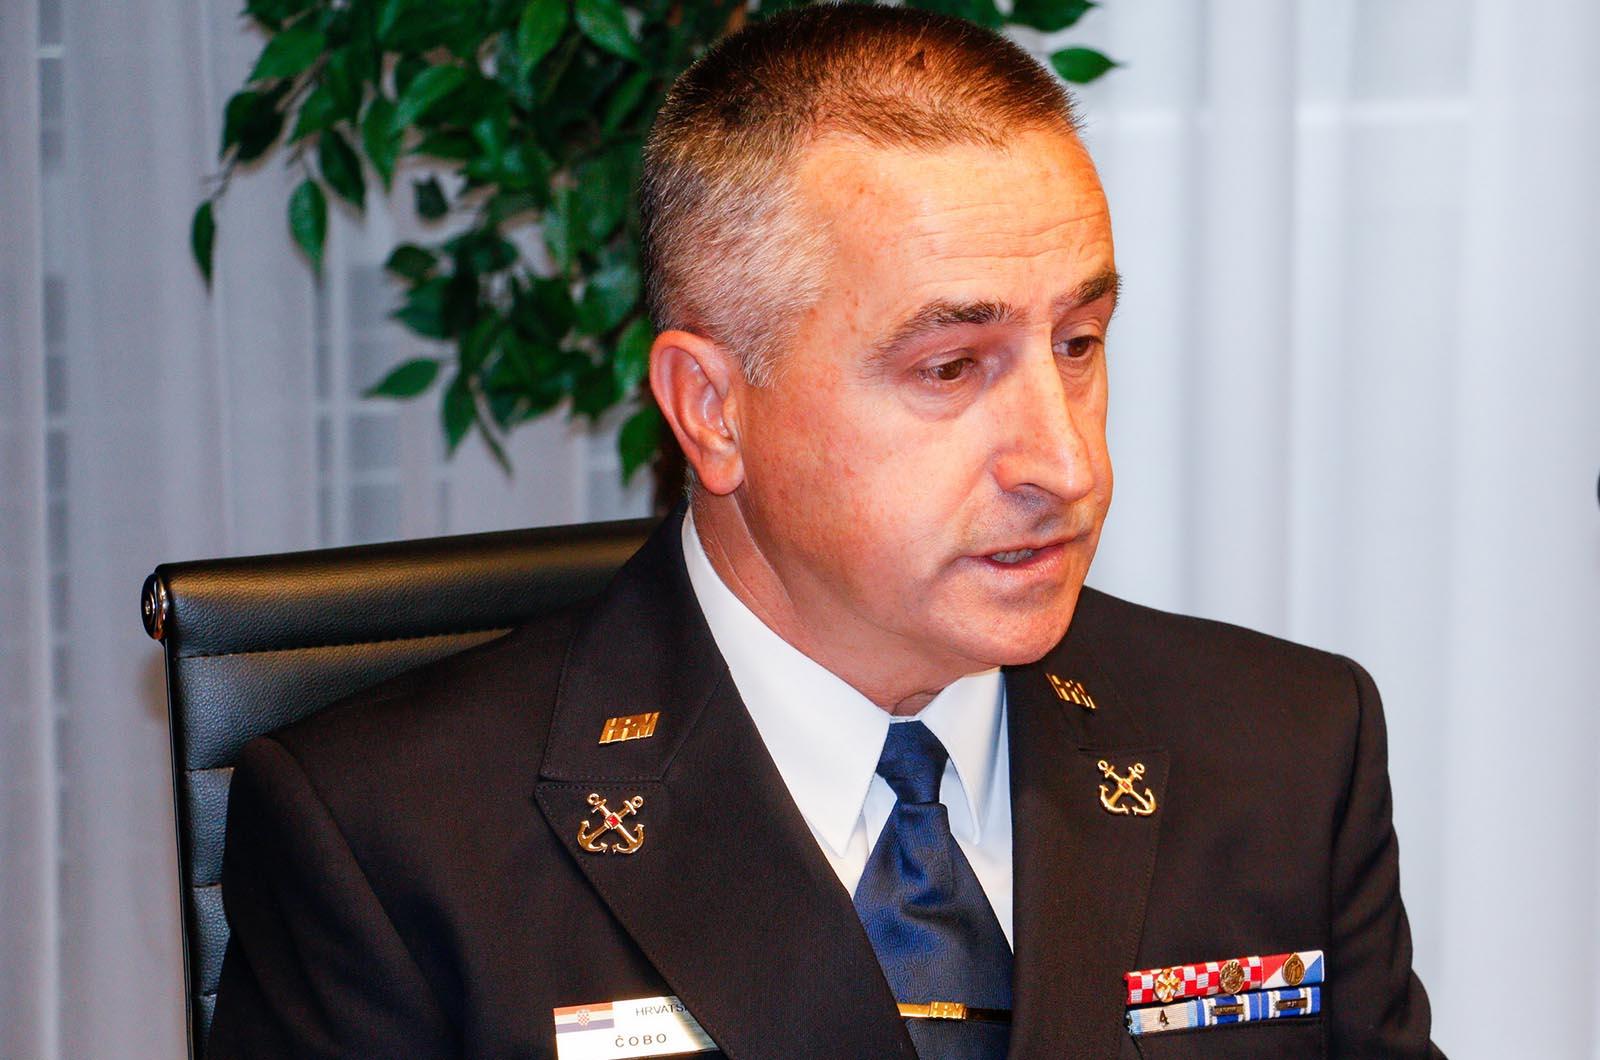 Primopredaja dužnosti zapovjednika Središta za obuku HRM-a